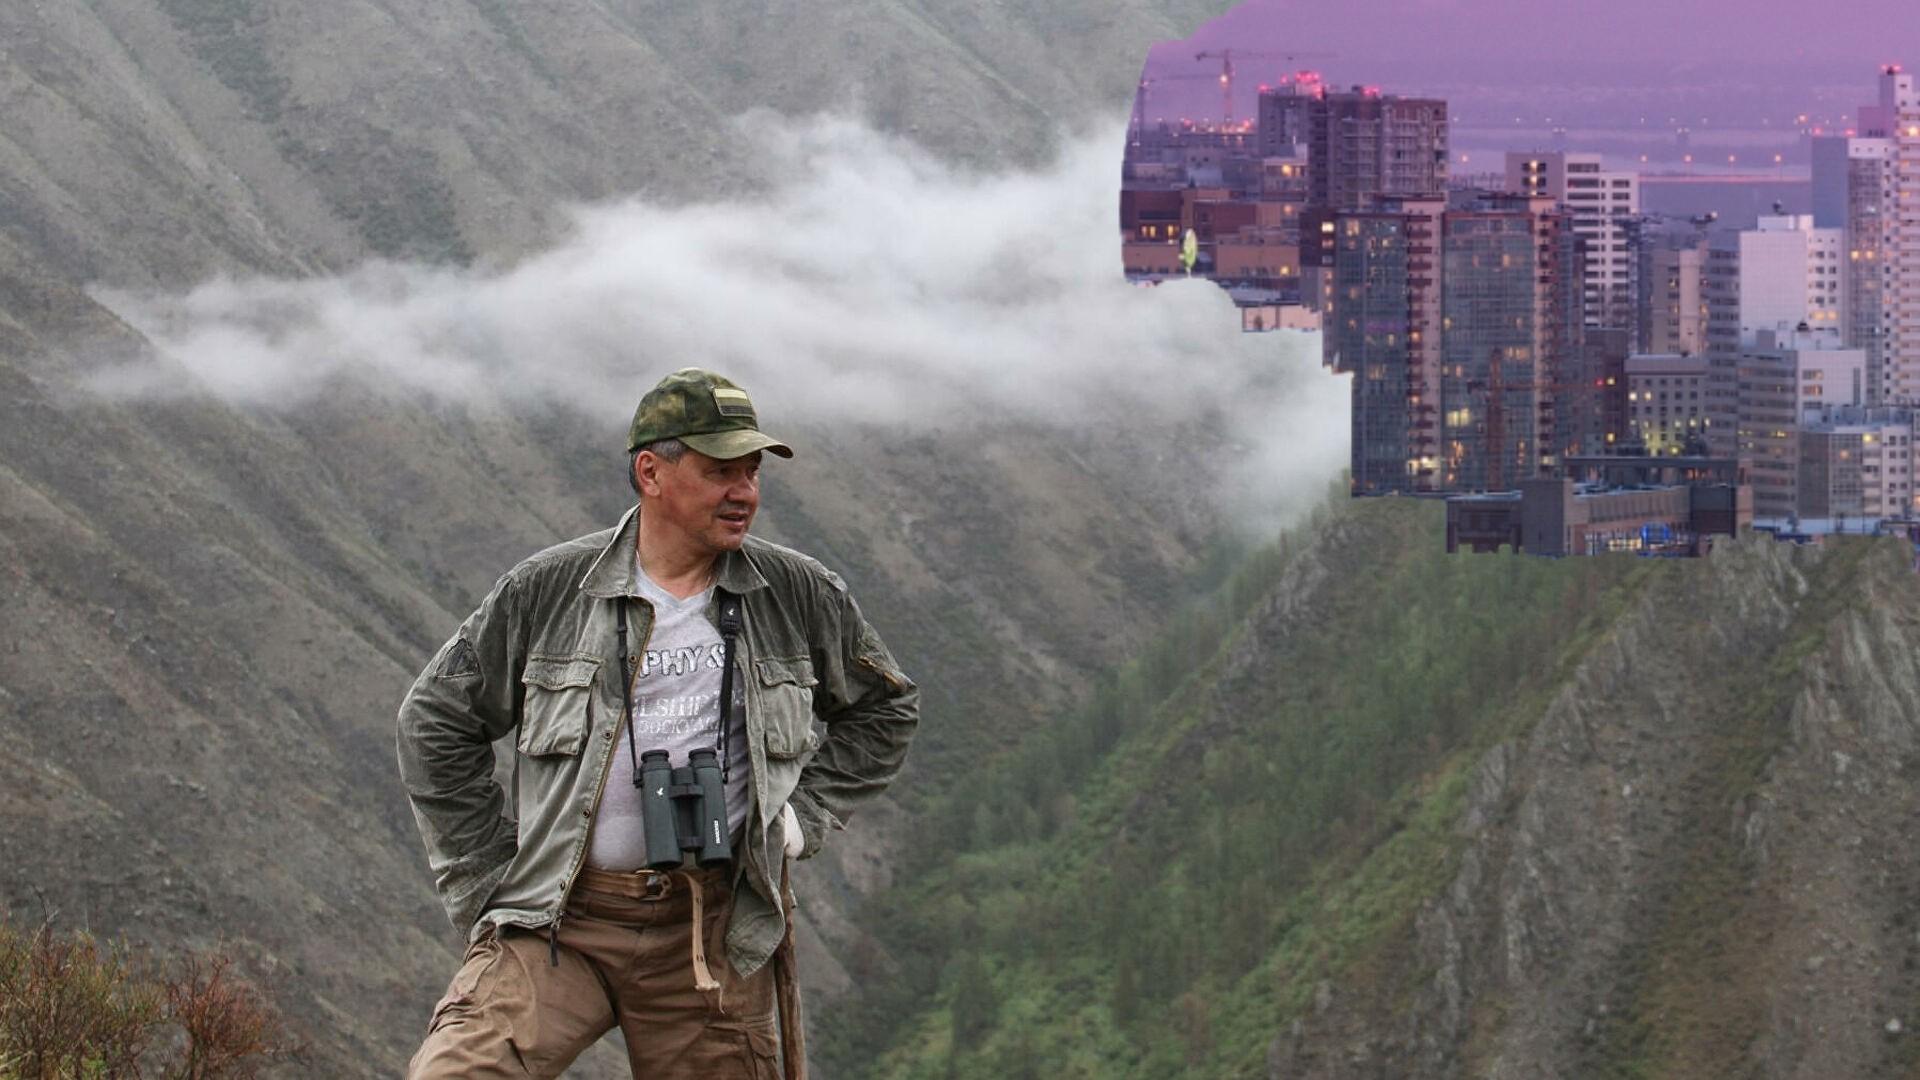 Шойгу построит в Сибири «города будущего»...